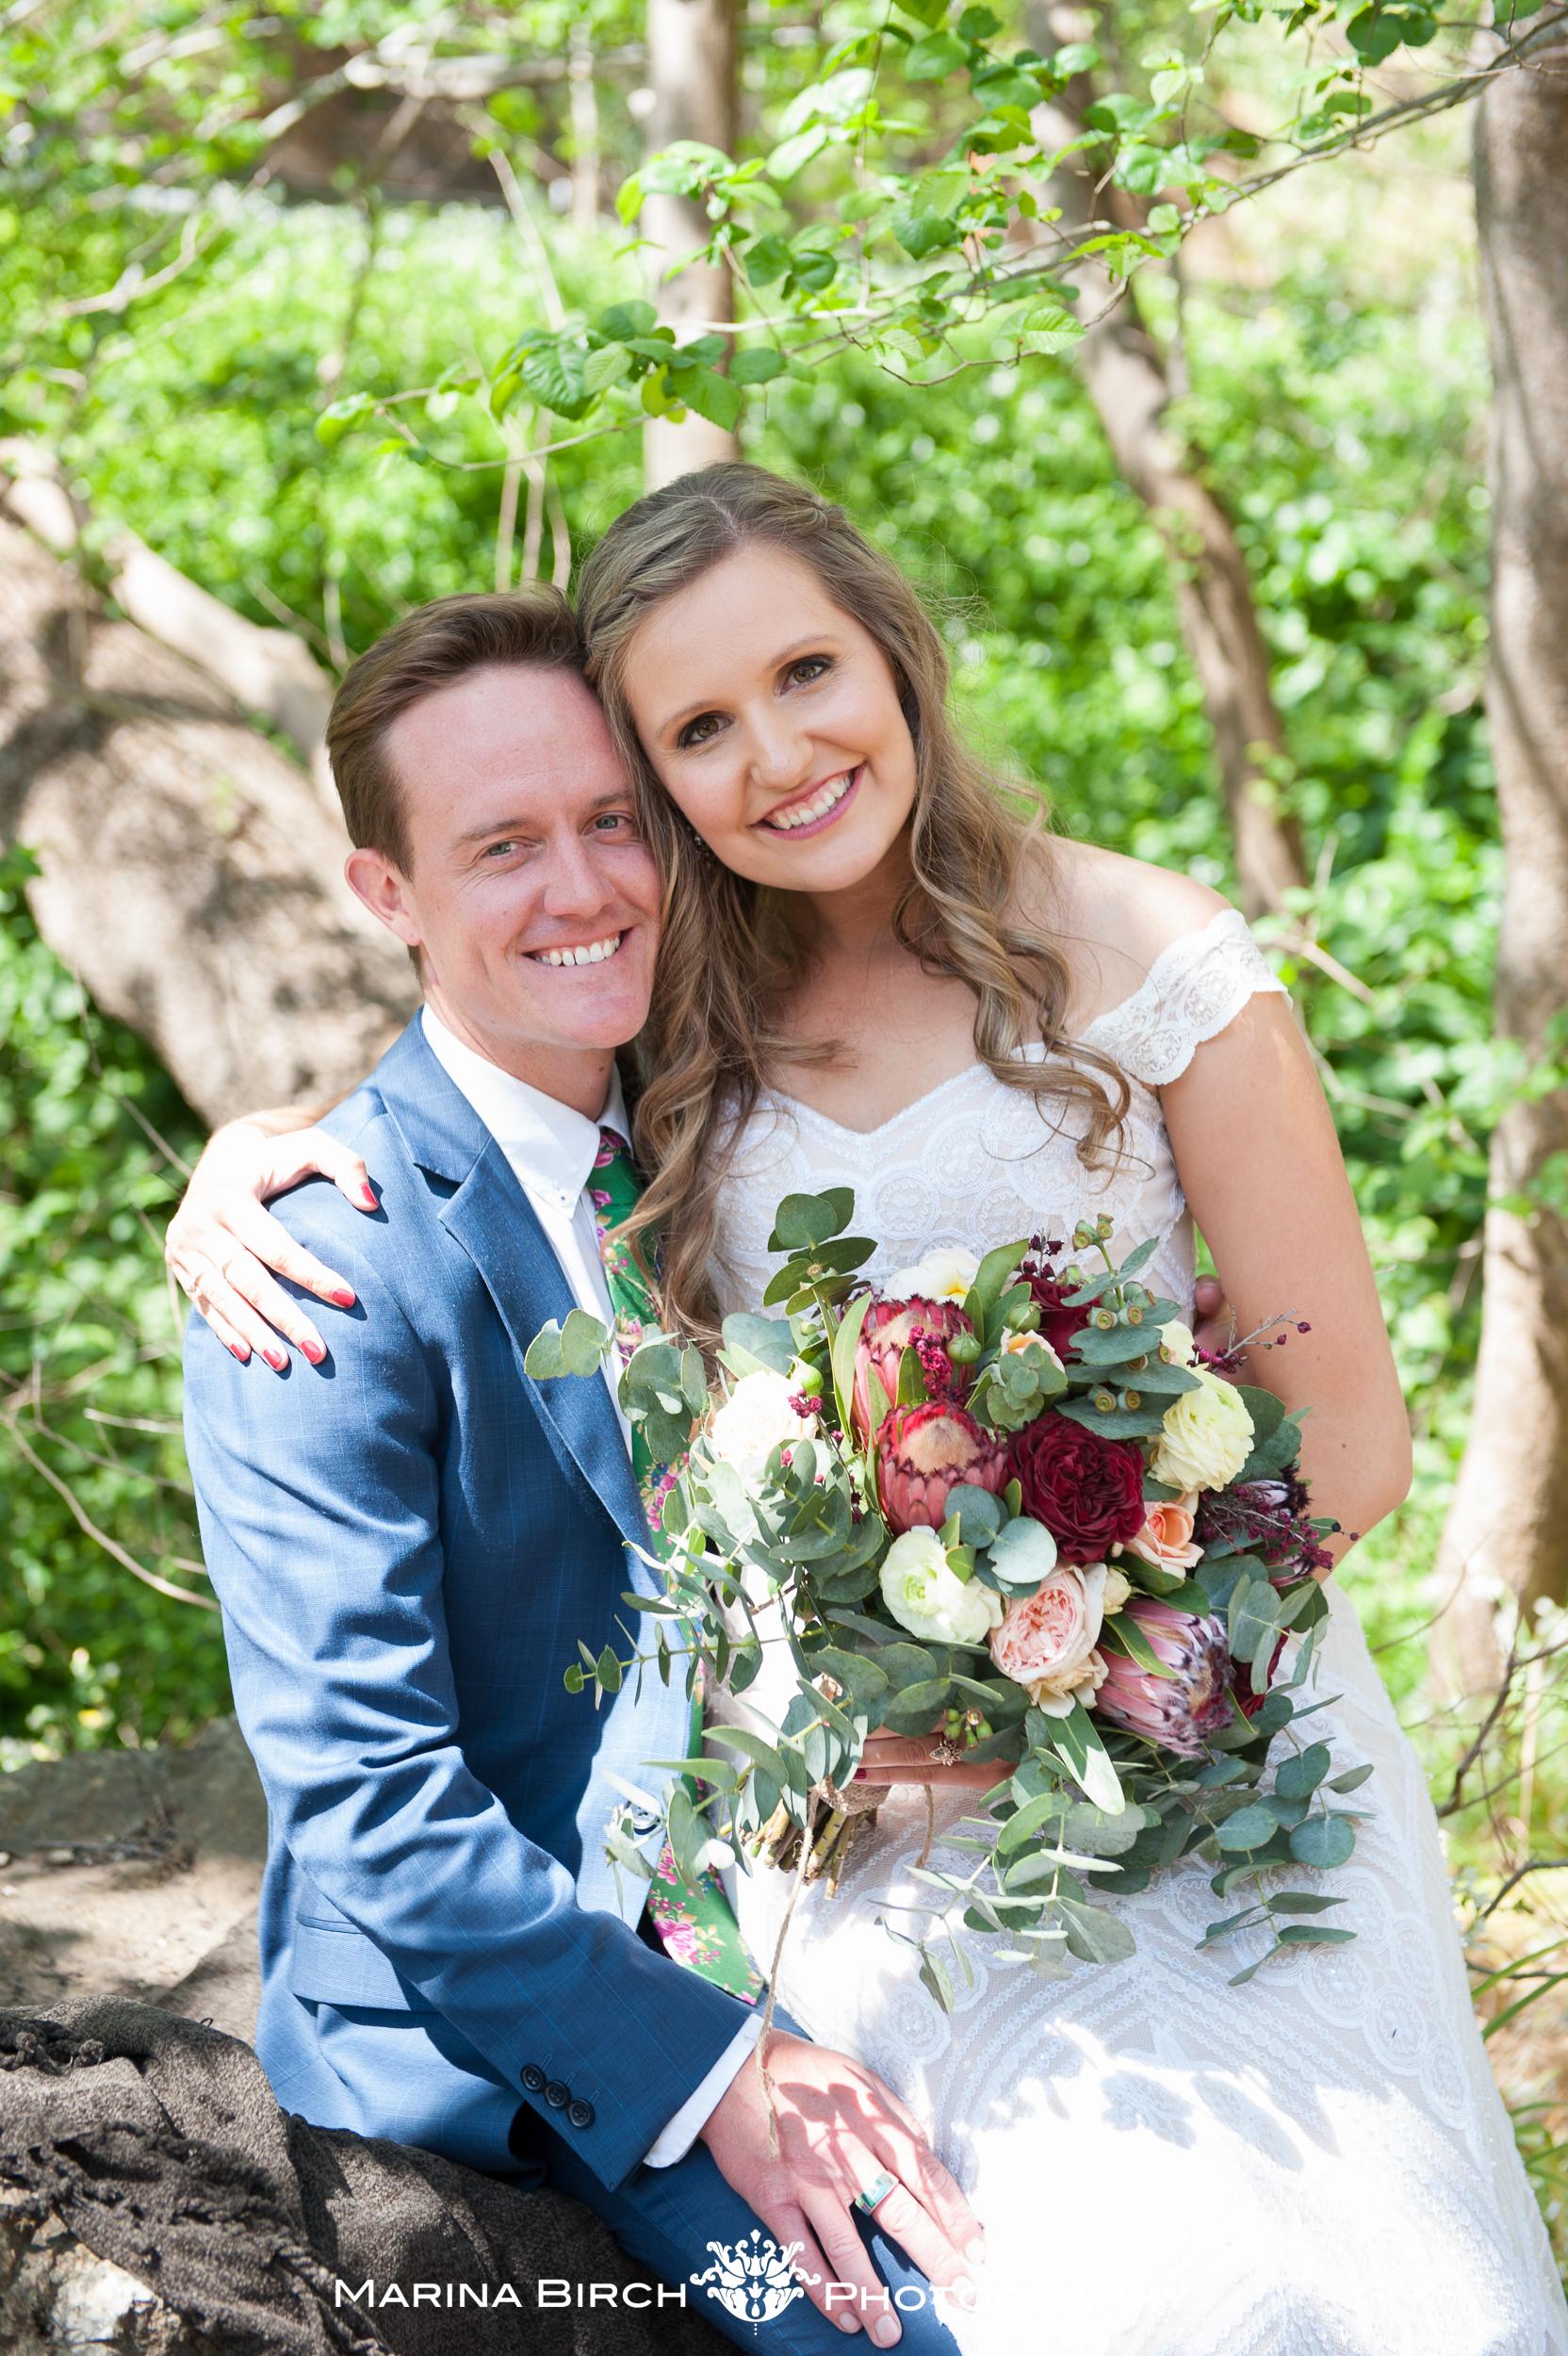 MBP.wedding -11.jpg